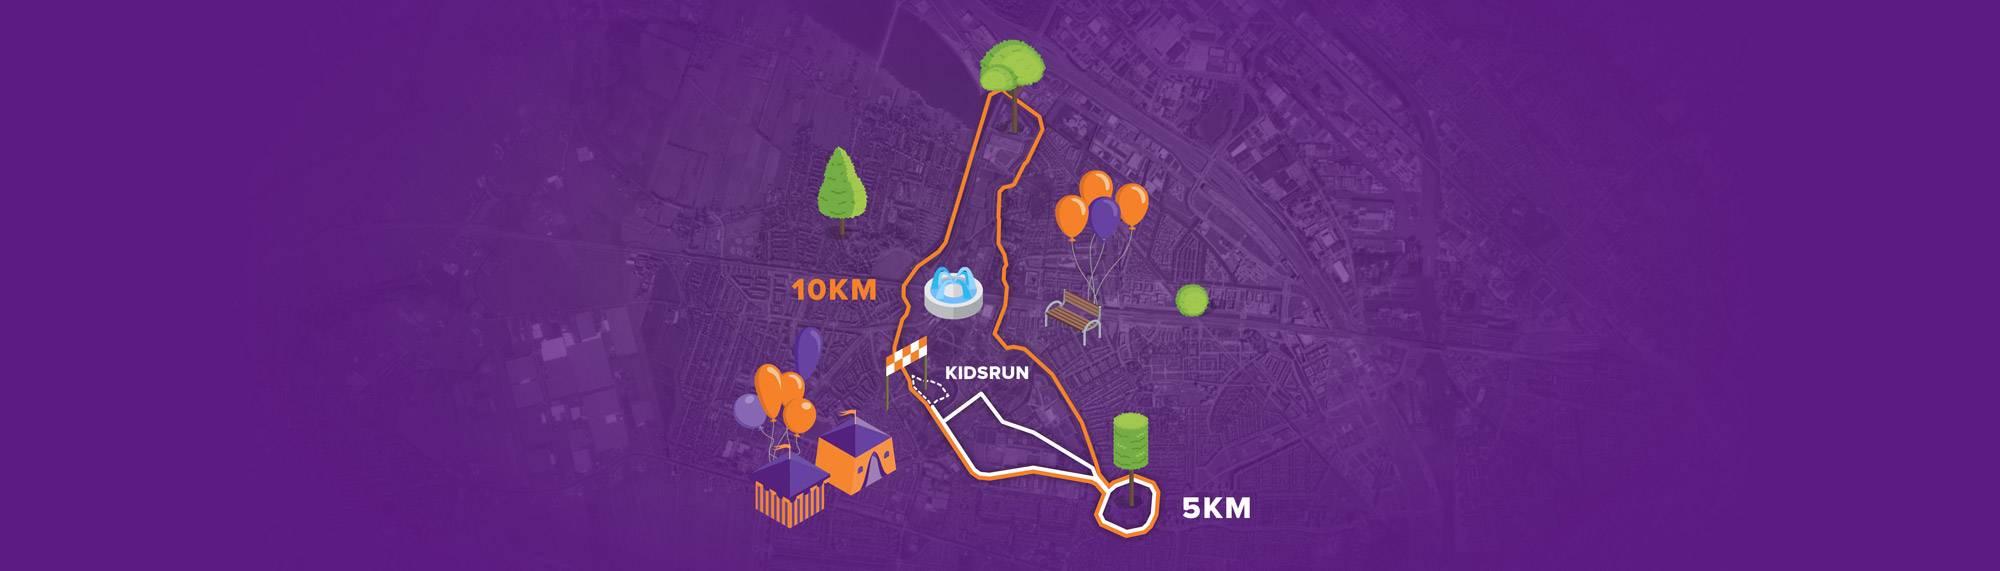 Afbeelding van de 10 kilometer, 5 kilometer en 1 kilometer KidsRun route van Run for KiKa Utrecht op 16 juni 2019 in het Máximapark in Utrecht